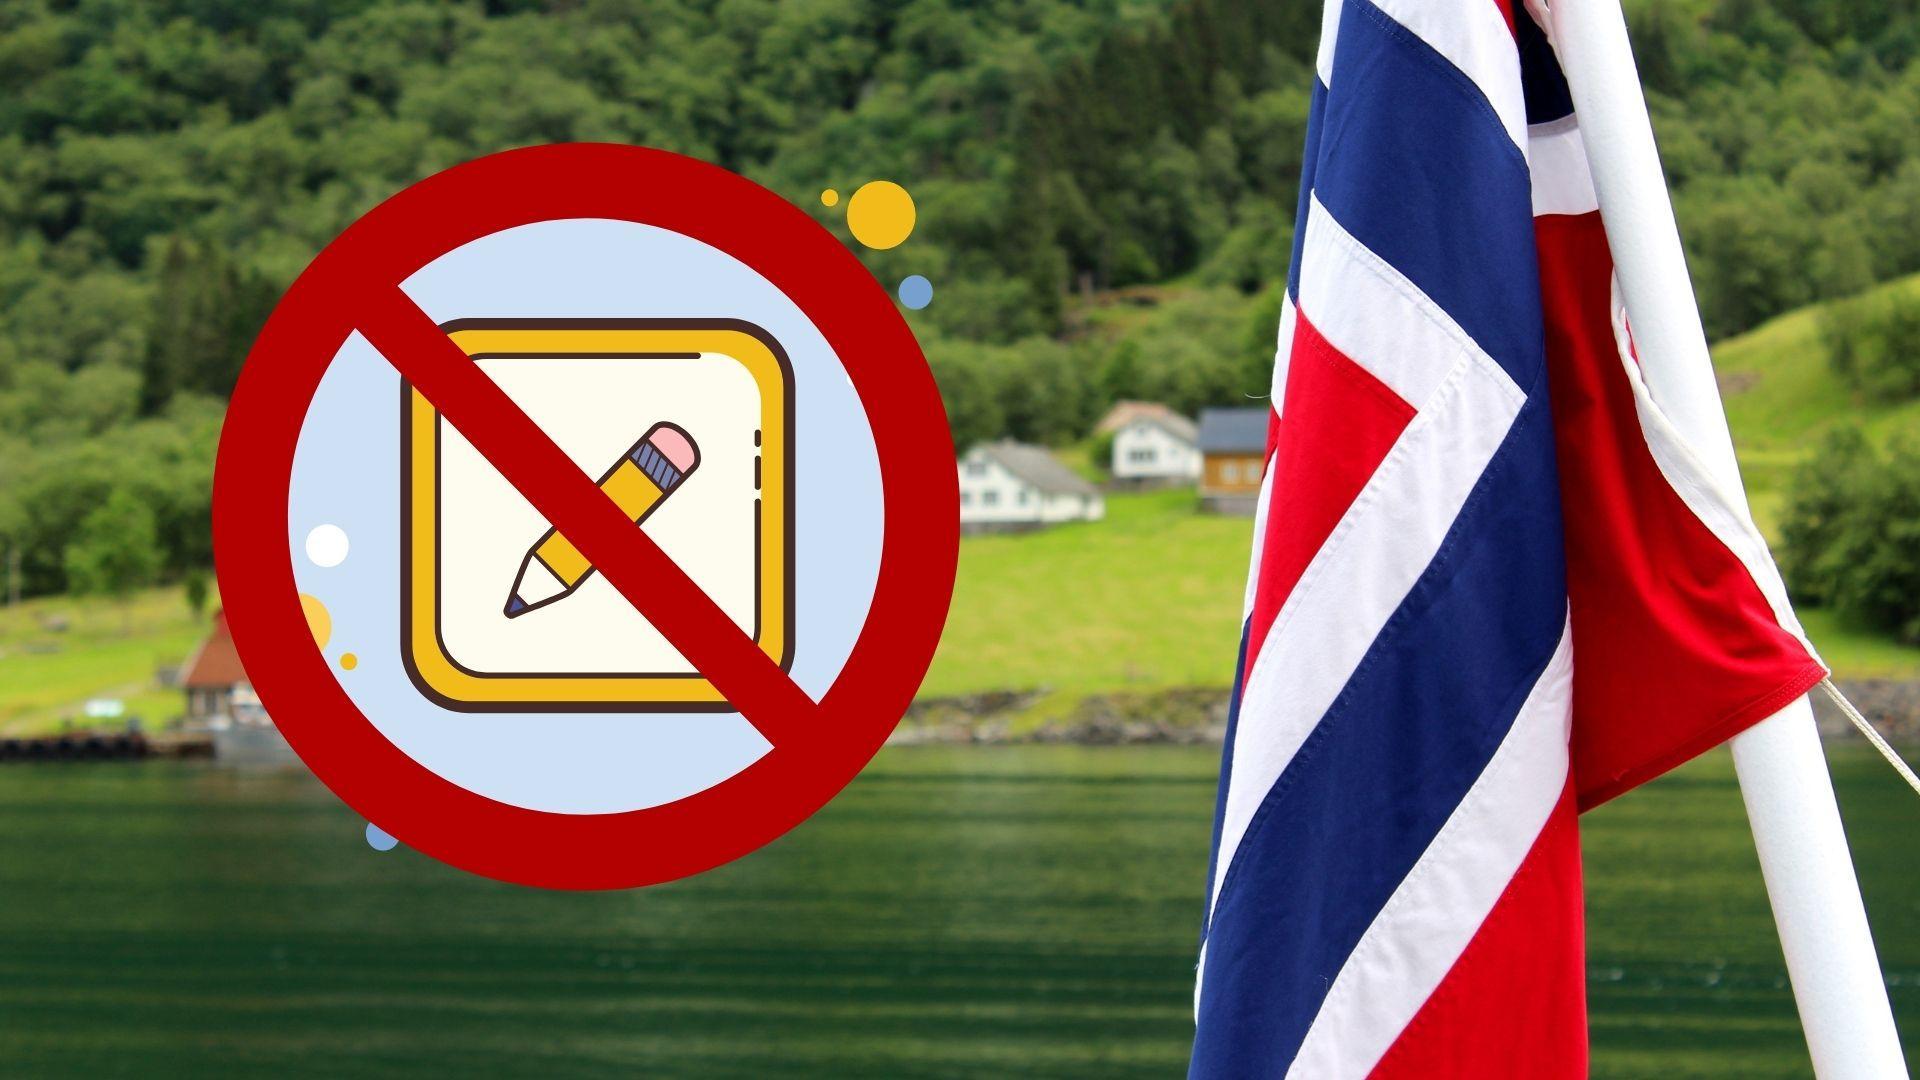 ley noruega contra belleza irreal